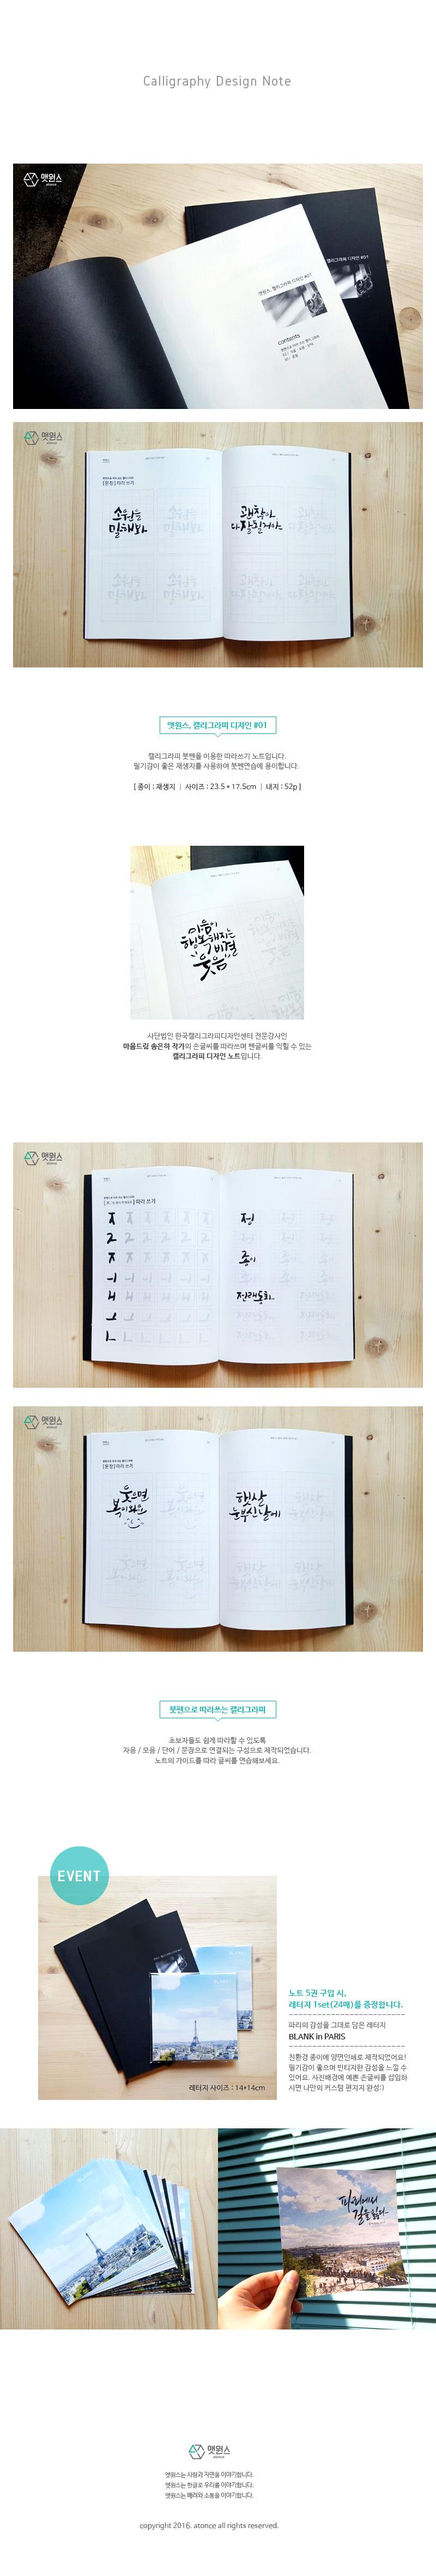 앳원스 - 캘리그라피디자인 따라쓰는 노트 01 - 앳원스, 3,000원, 여행/취미, 필사/글쓰기